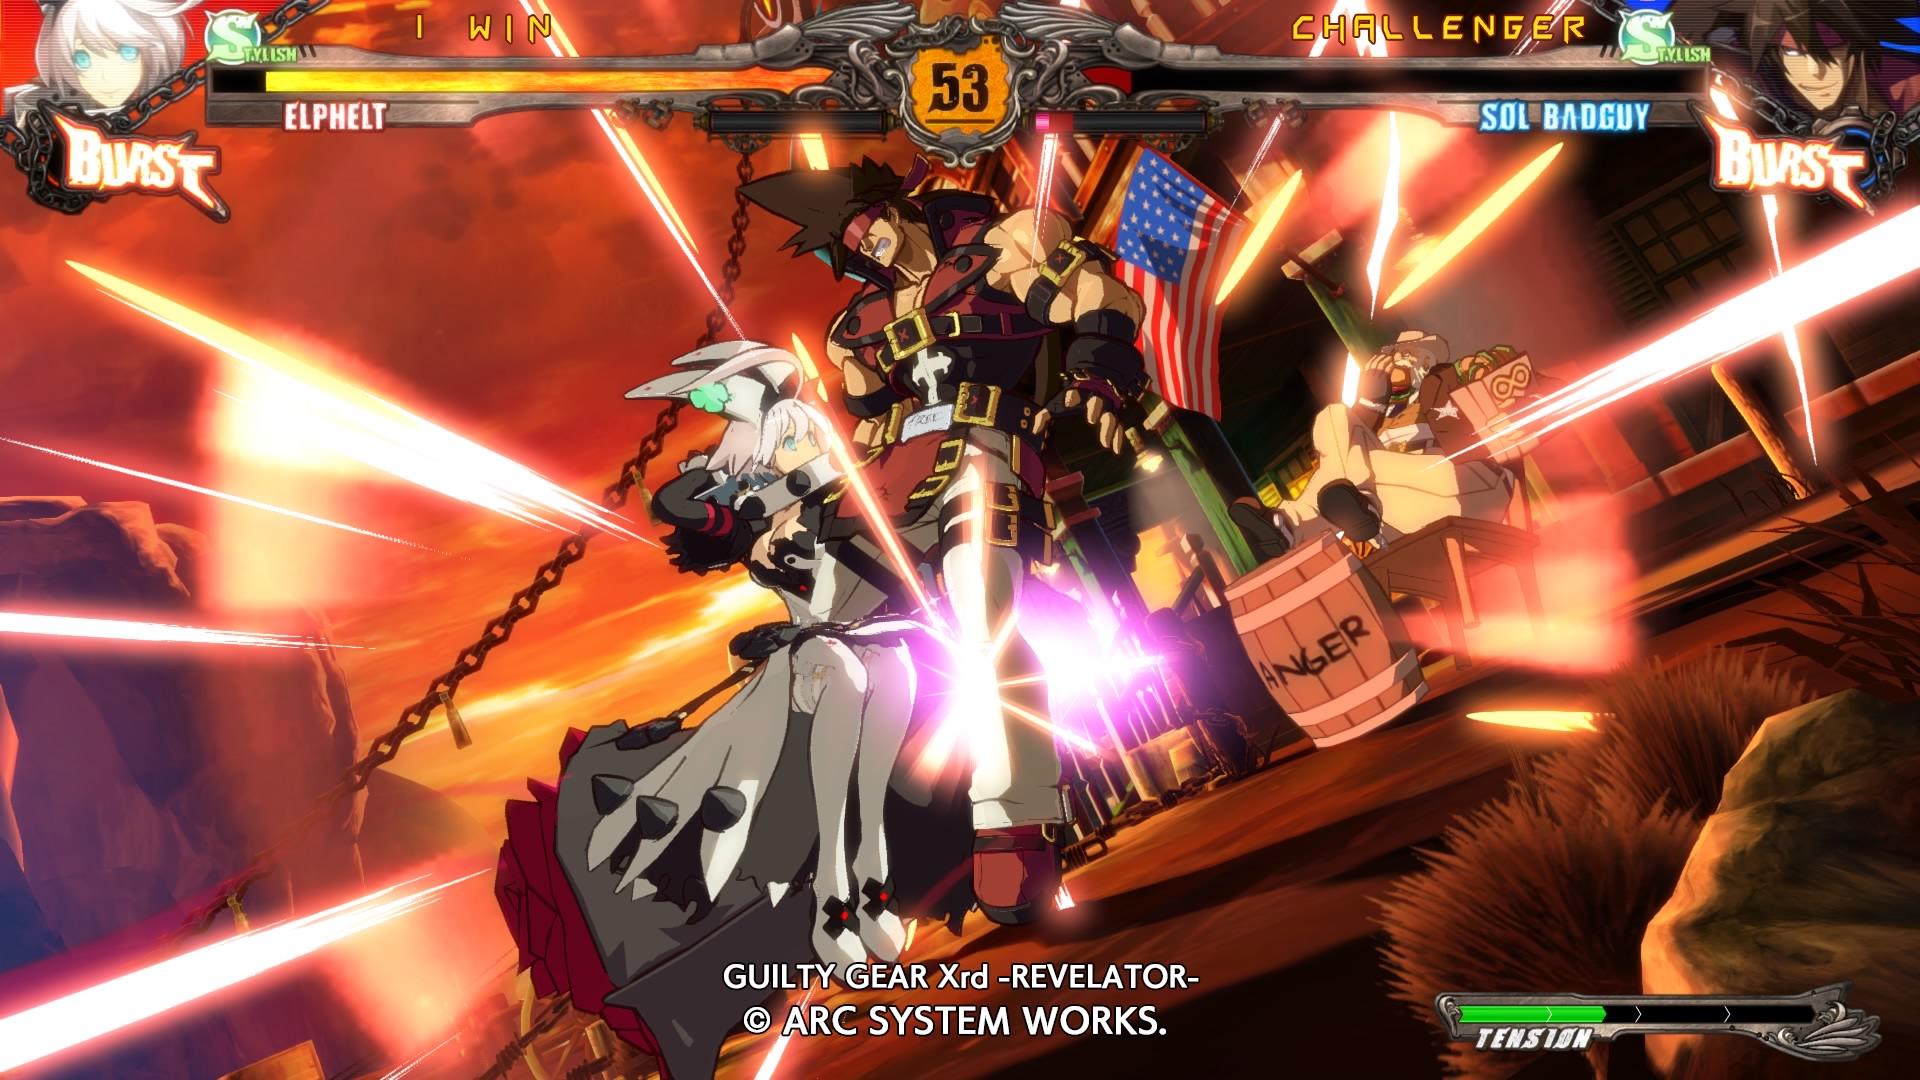 GuiltyGearXrd-Revelator PS4 Test 013